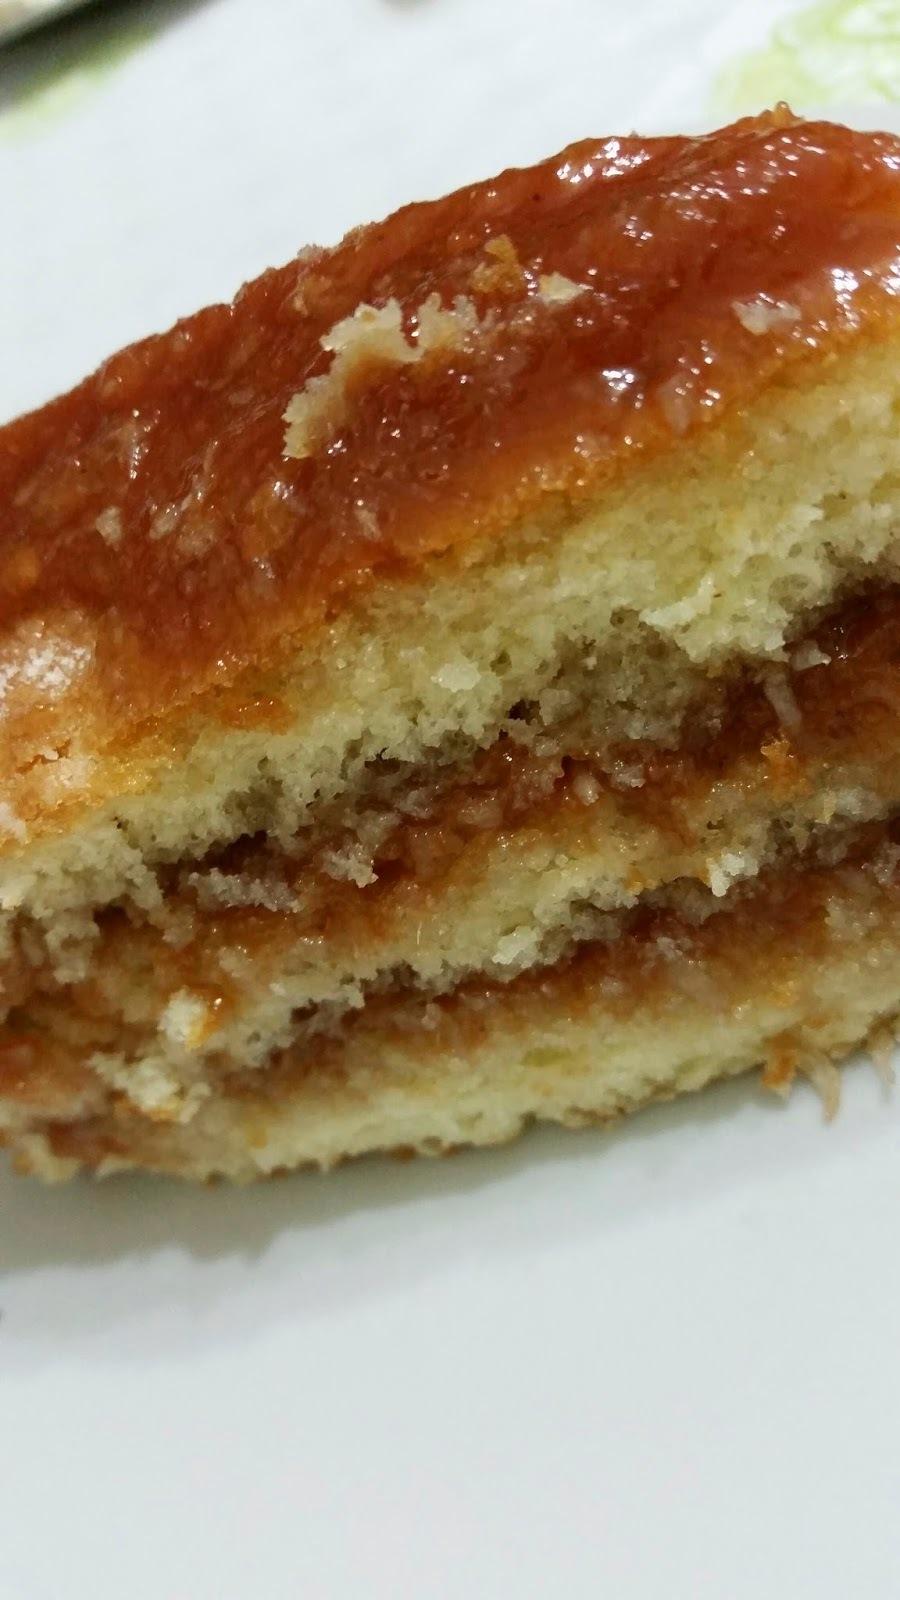 bolo com recheio de goiabada com creme de leite